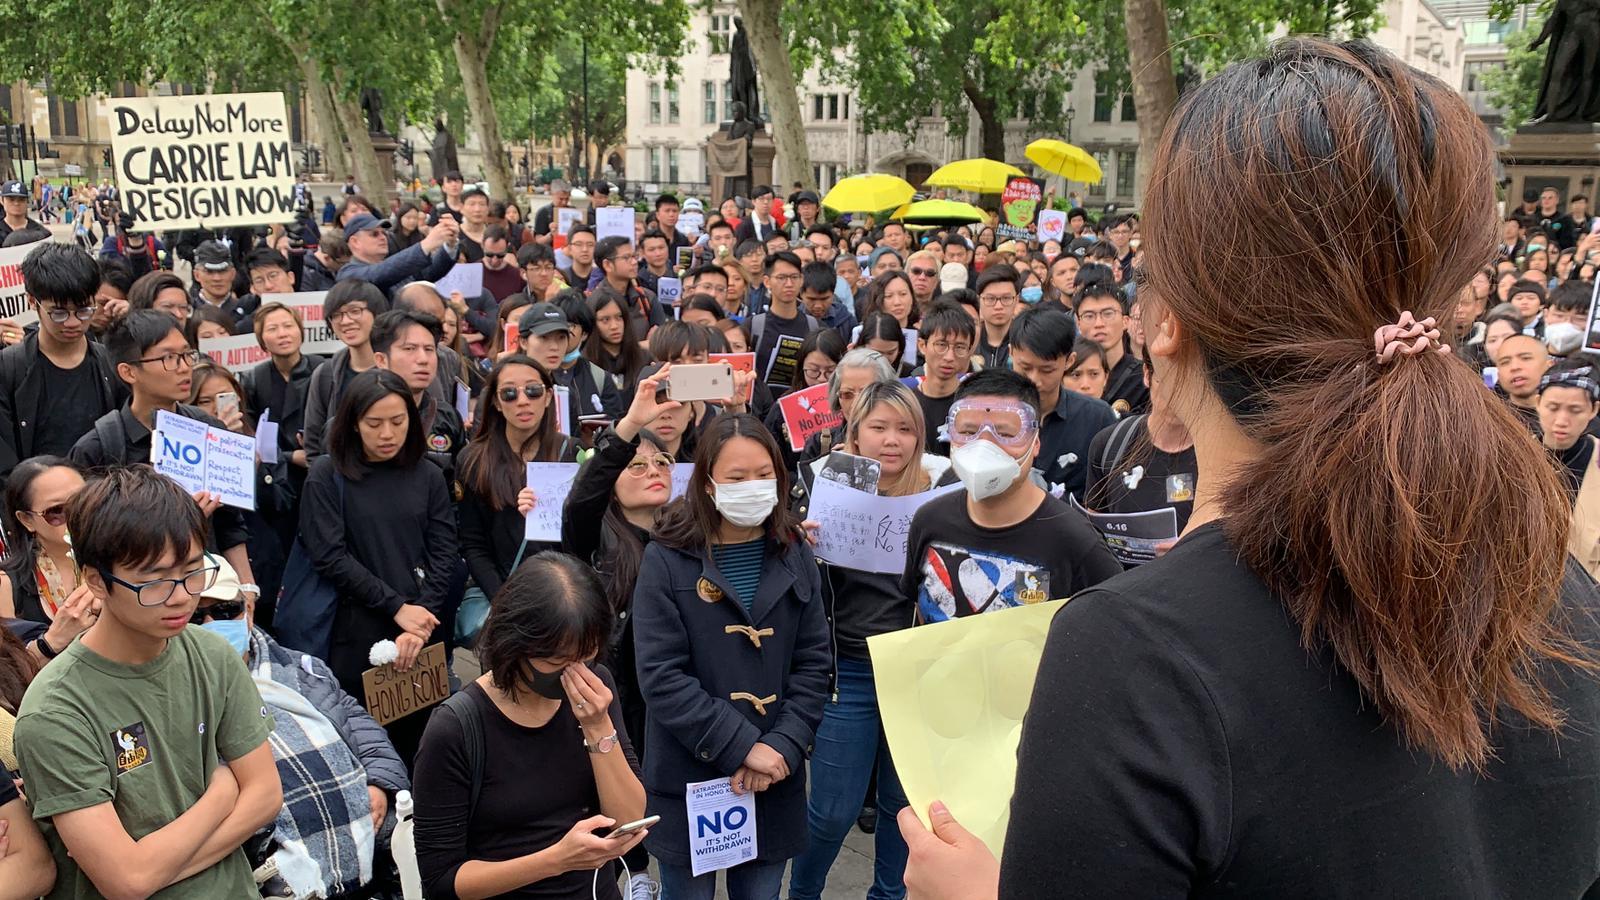 一位剛到倫敦的香港媽媽下飛機後即時趕來,她憶述了6月12日於金鐘的情況,在場不少港人也不禁哭起來。(唐詩韻/大紀元)